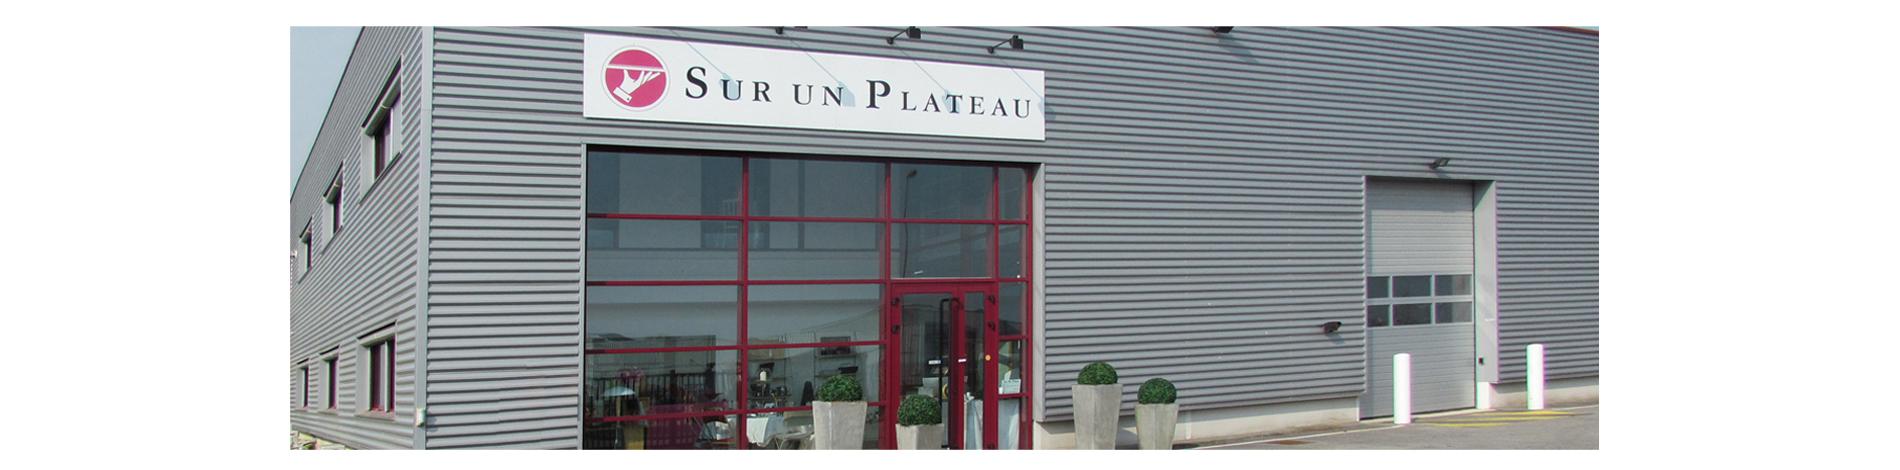 SUR UN PLATEAU, location de matériel de réception